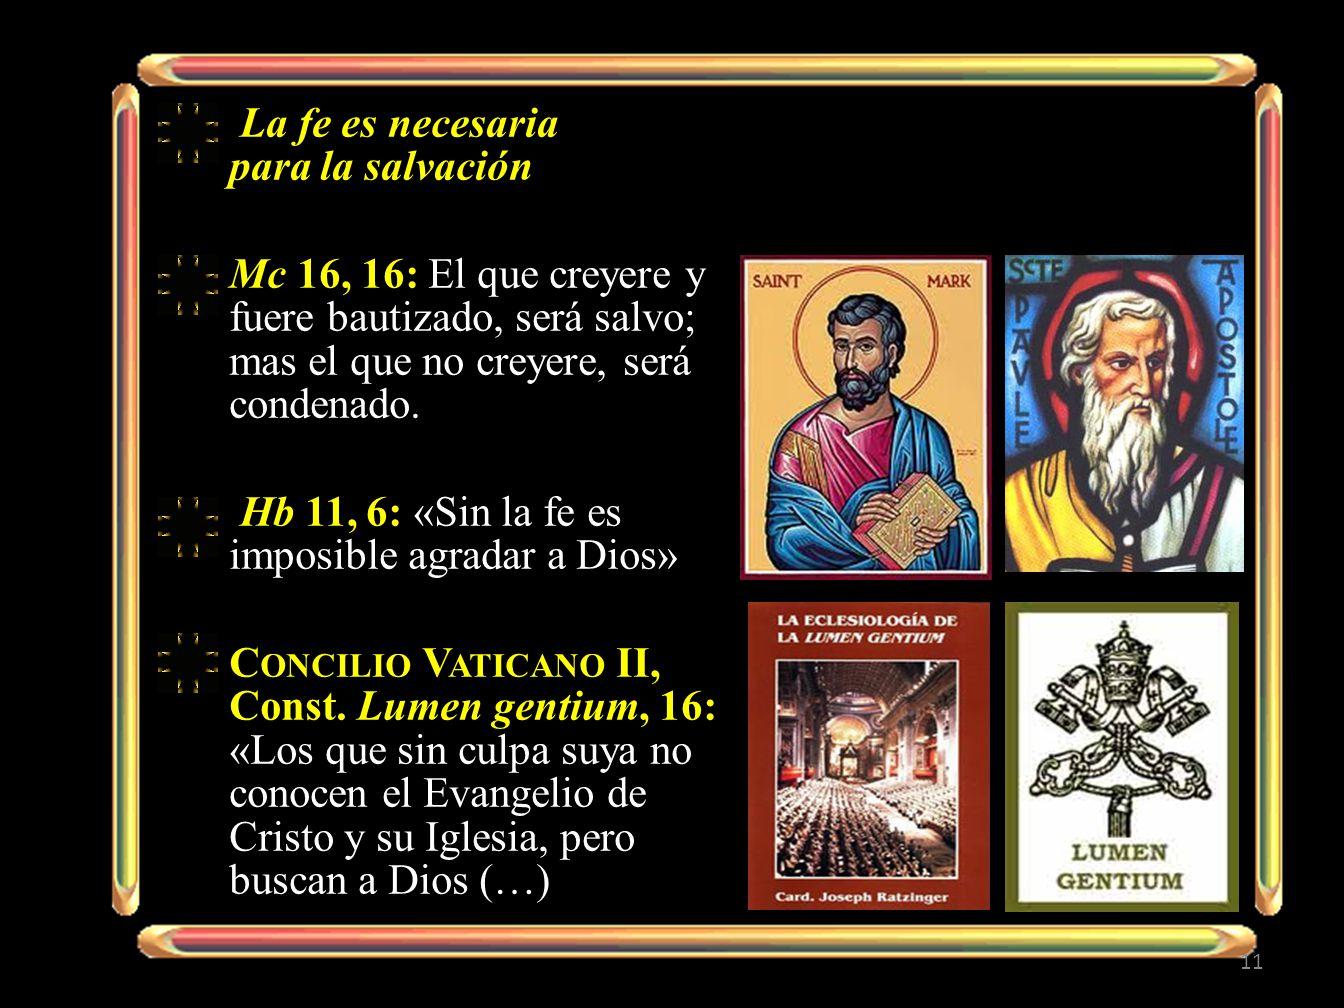 La fe es necesaria para la salvación Mc 16, 16: El que creyere y fuere bautizado, será salvo; mas el que no creyere, será condenado. Hb 11, 6: «Sin la